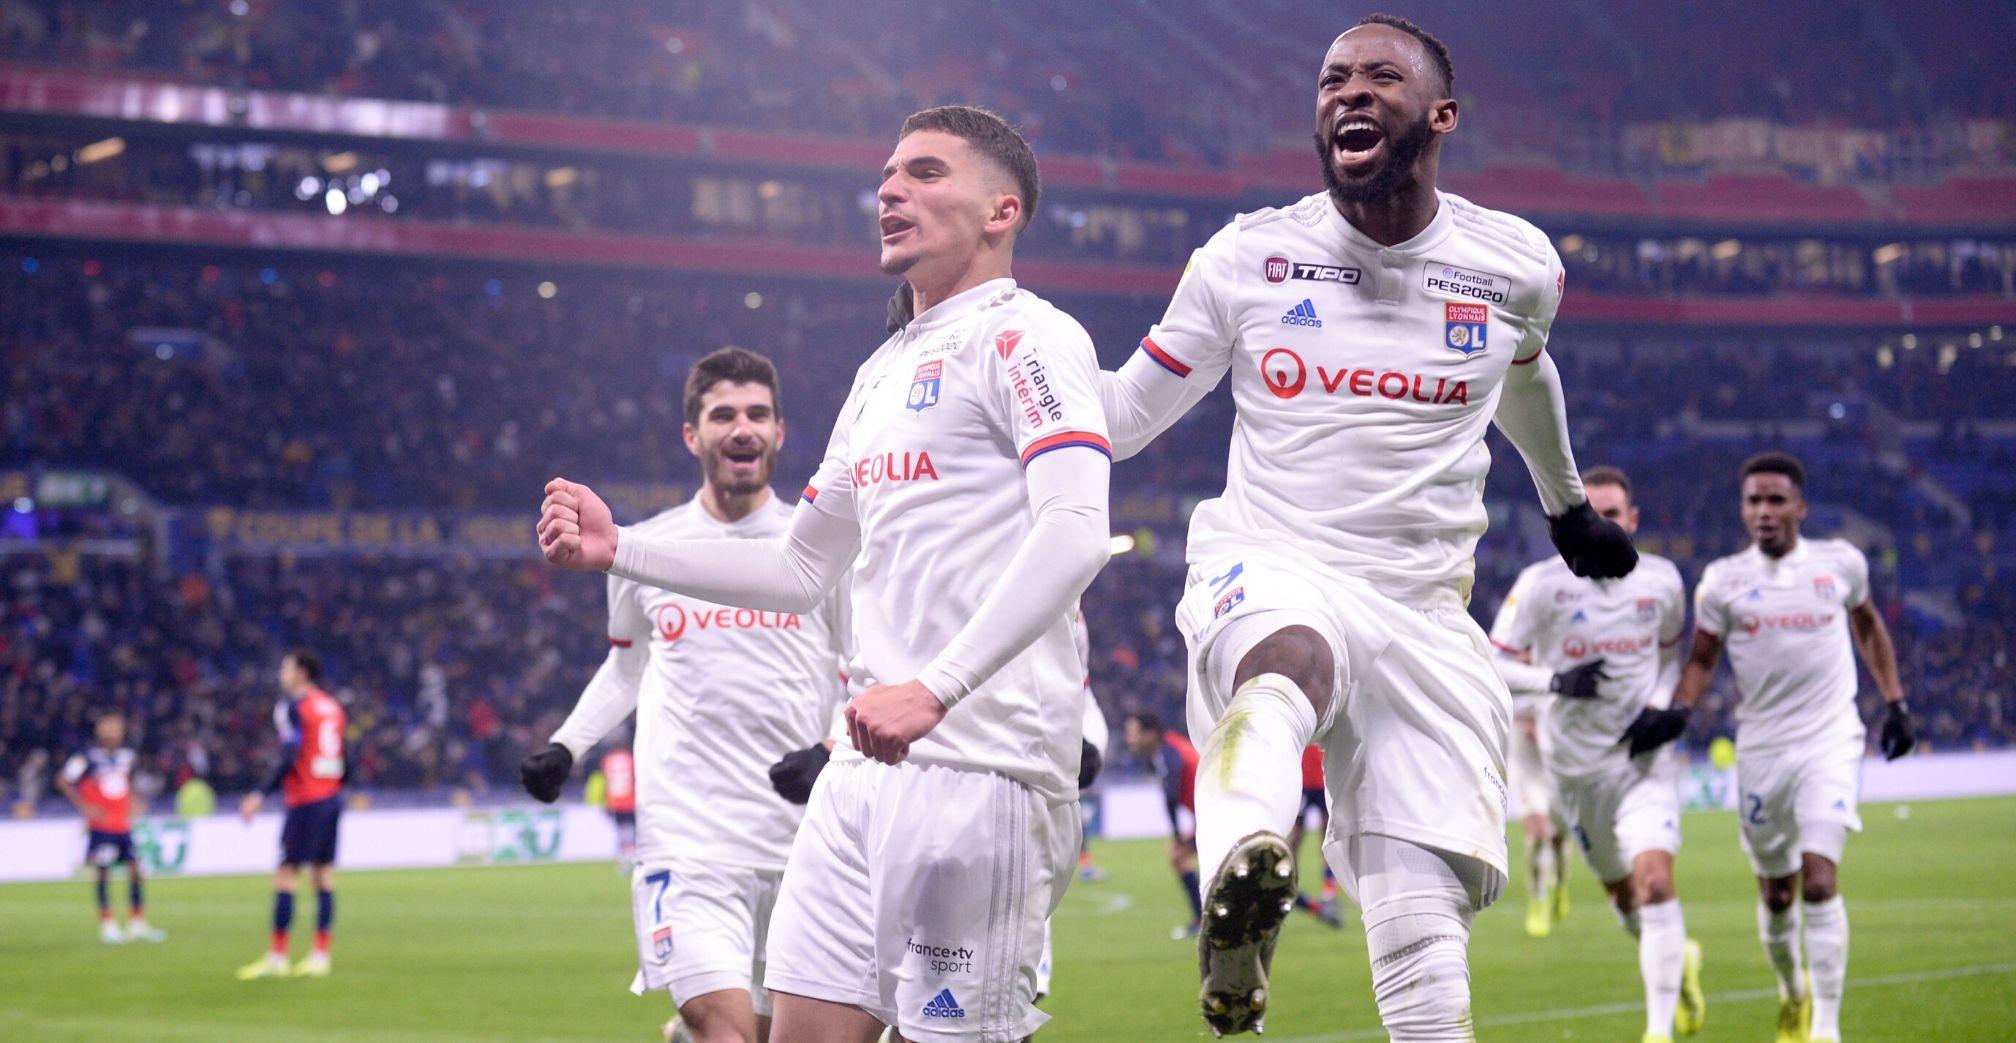 Lyon tiếp tục giữ vững vị thế tại Ligue 1